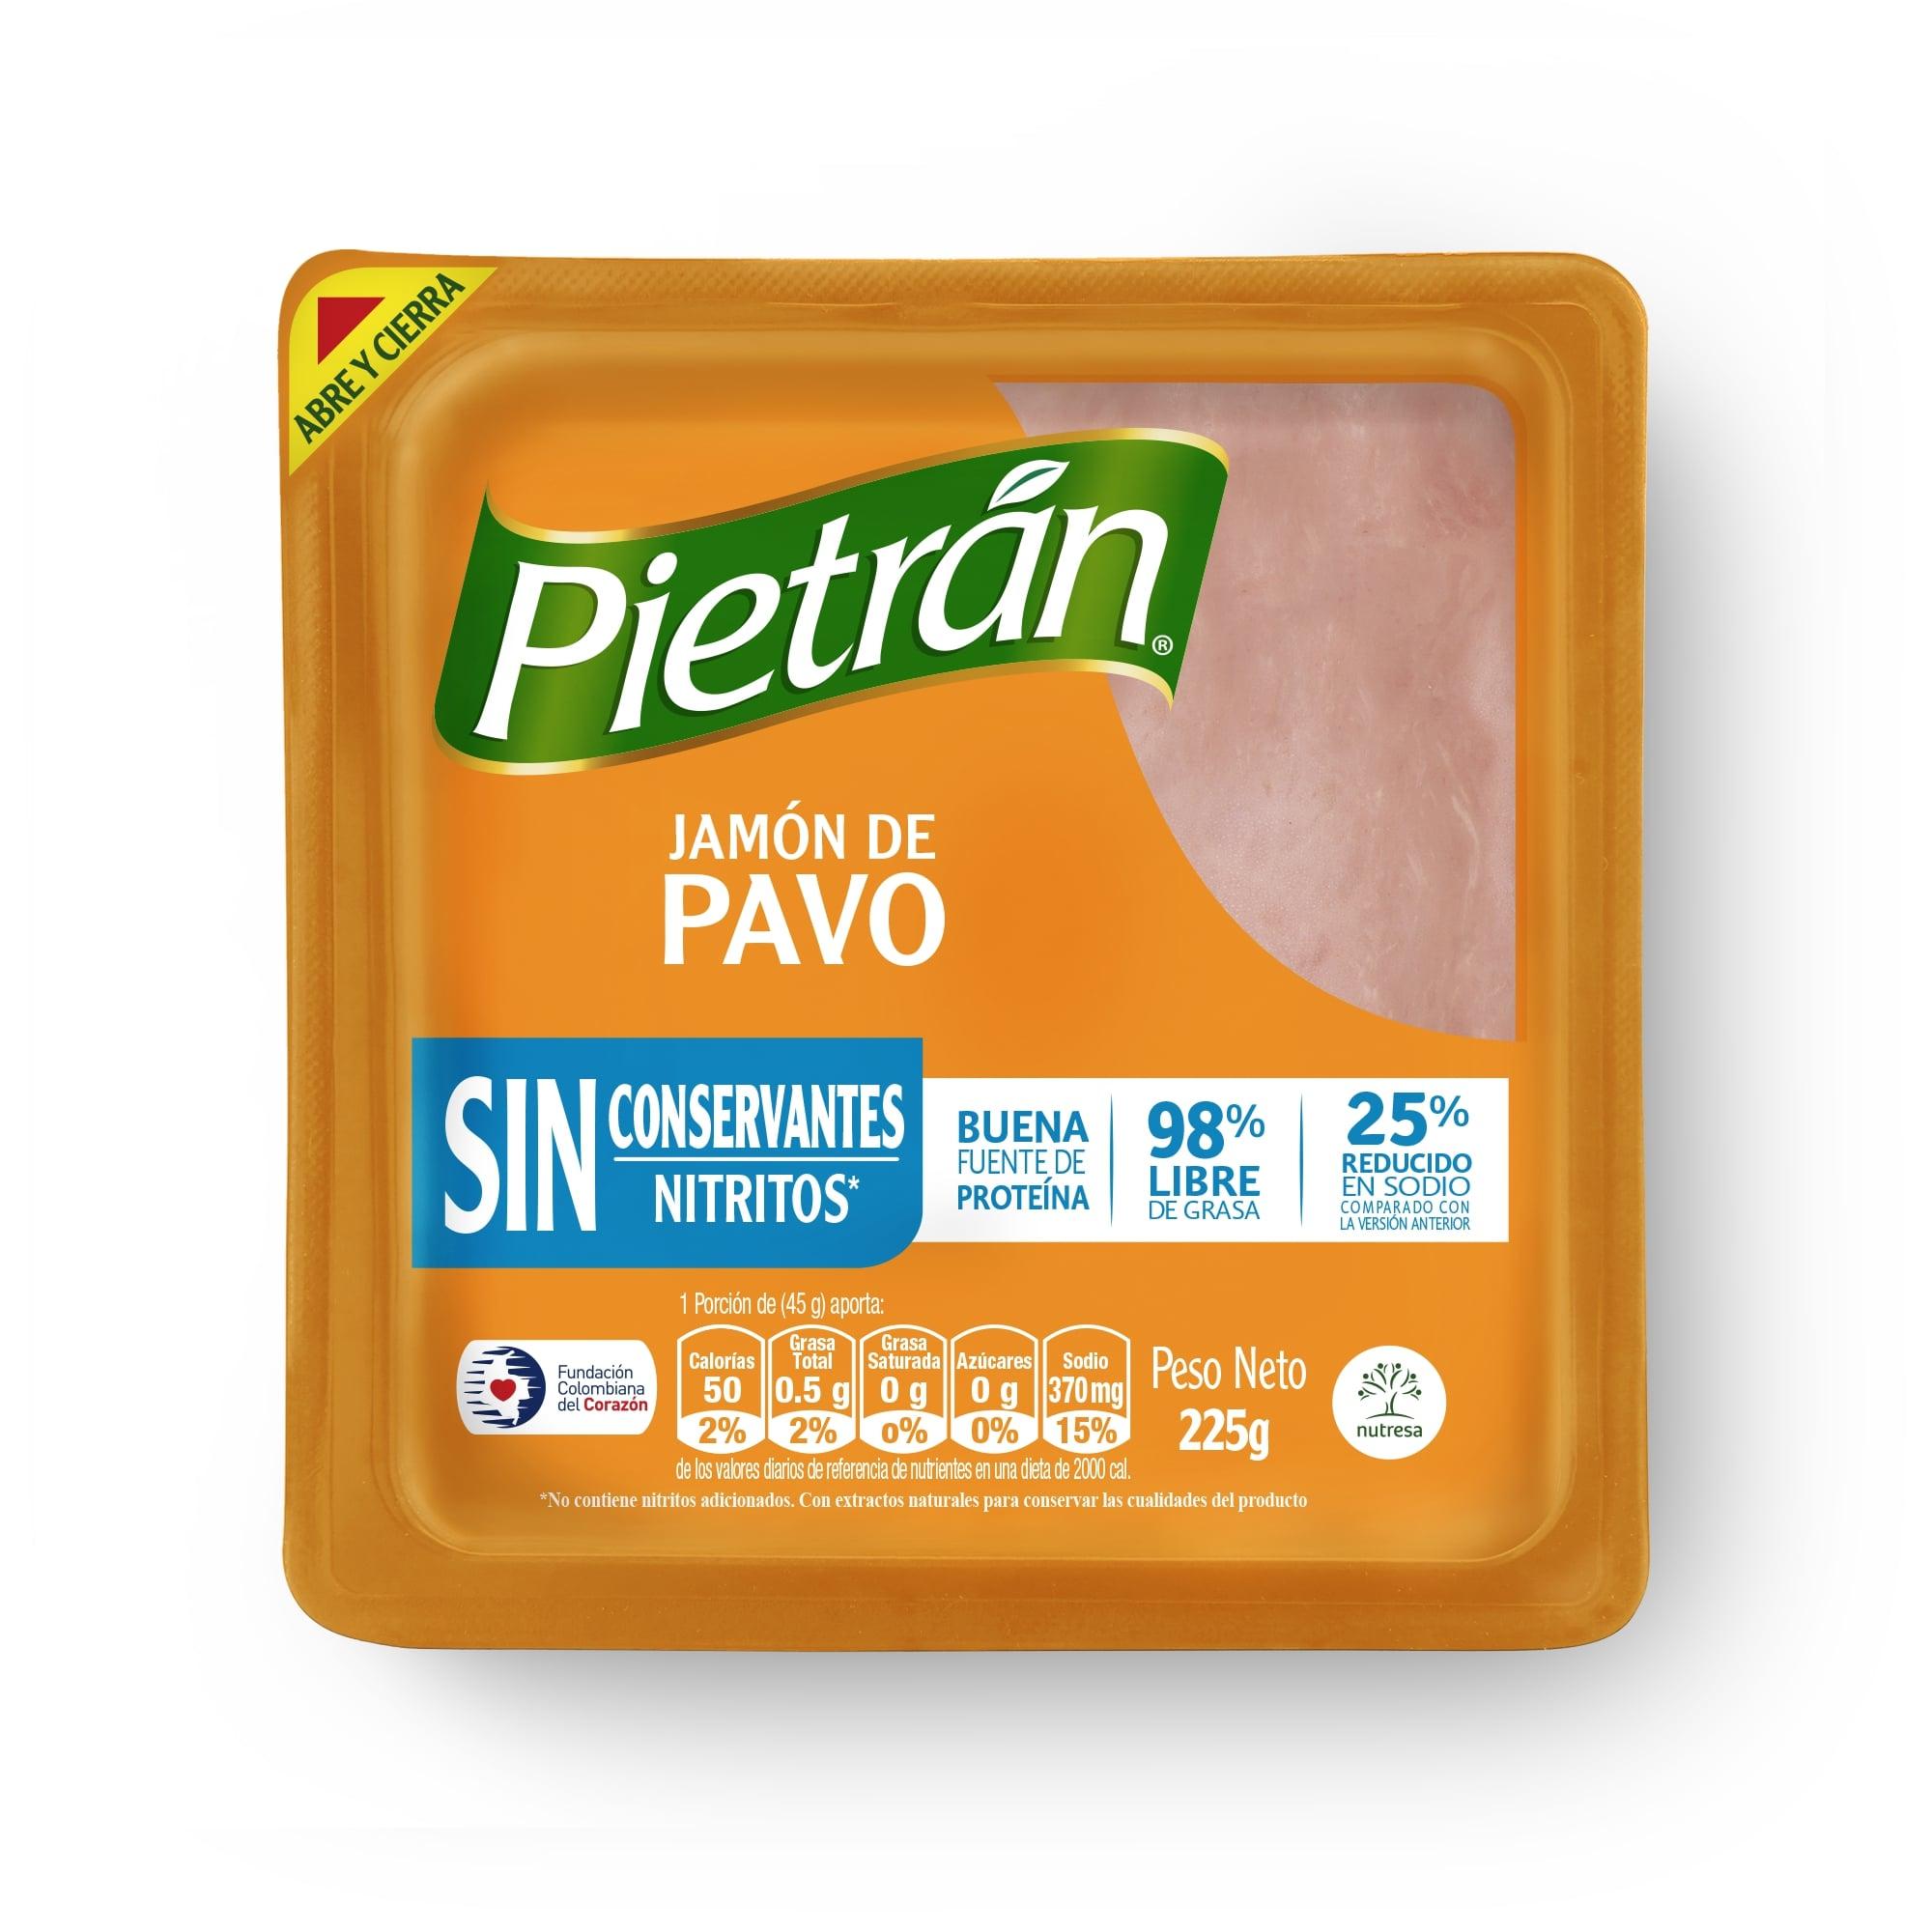 Jamón de Pavo Pietrán sin Conservantes 225g